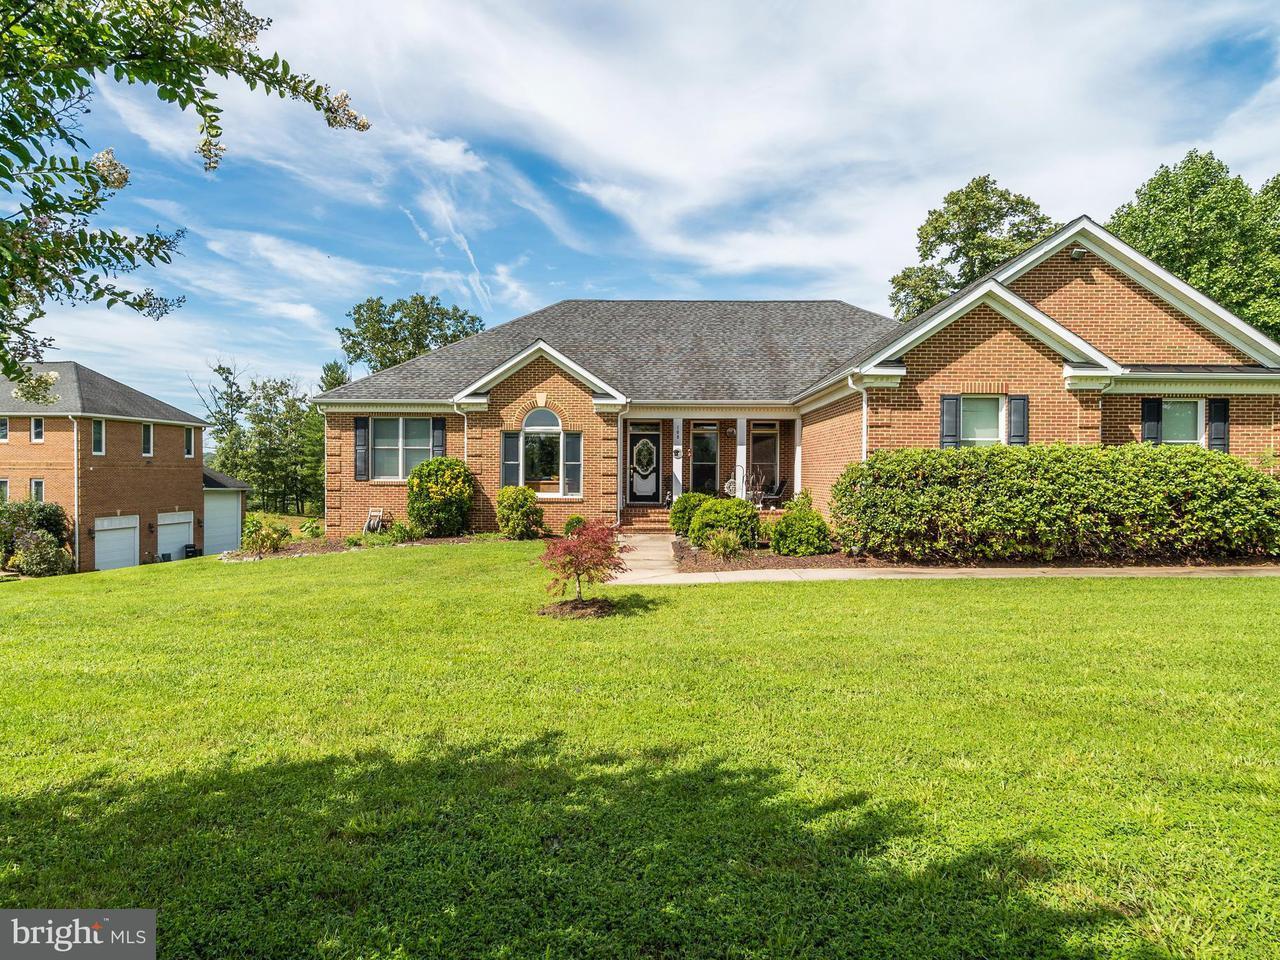 Maison unifamiliale pour l Vente à 109A ARRINGTON MOUNTAIN Road 109A ARRINGTON MOUNTAIN Road Haywood, Virginia 22722 États-Unis